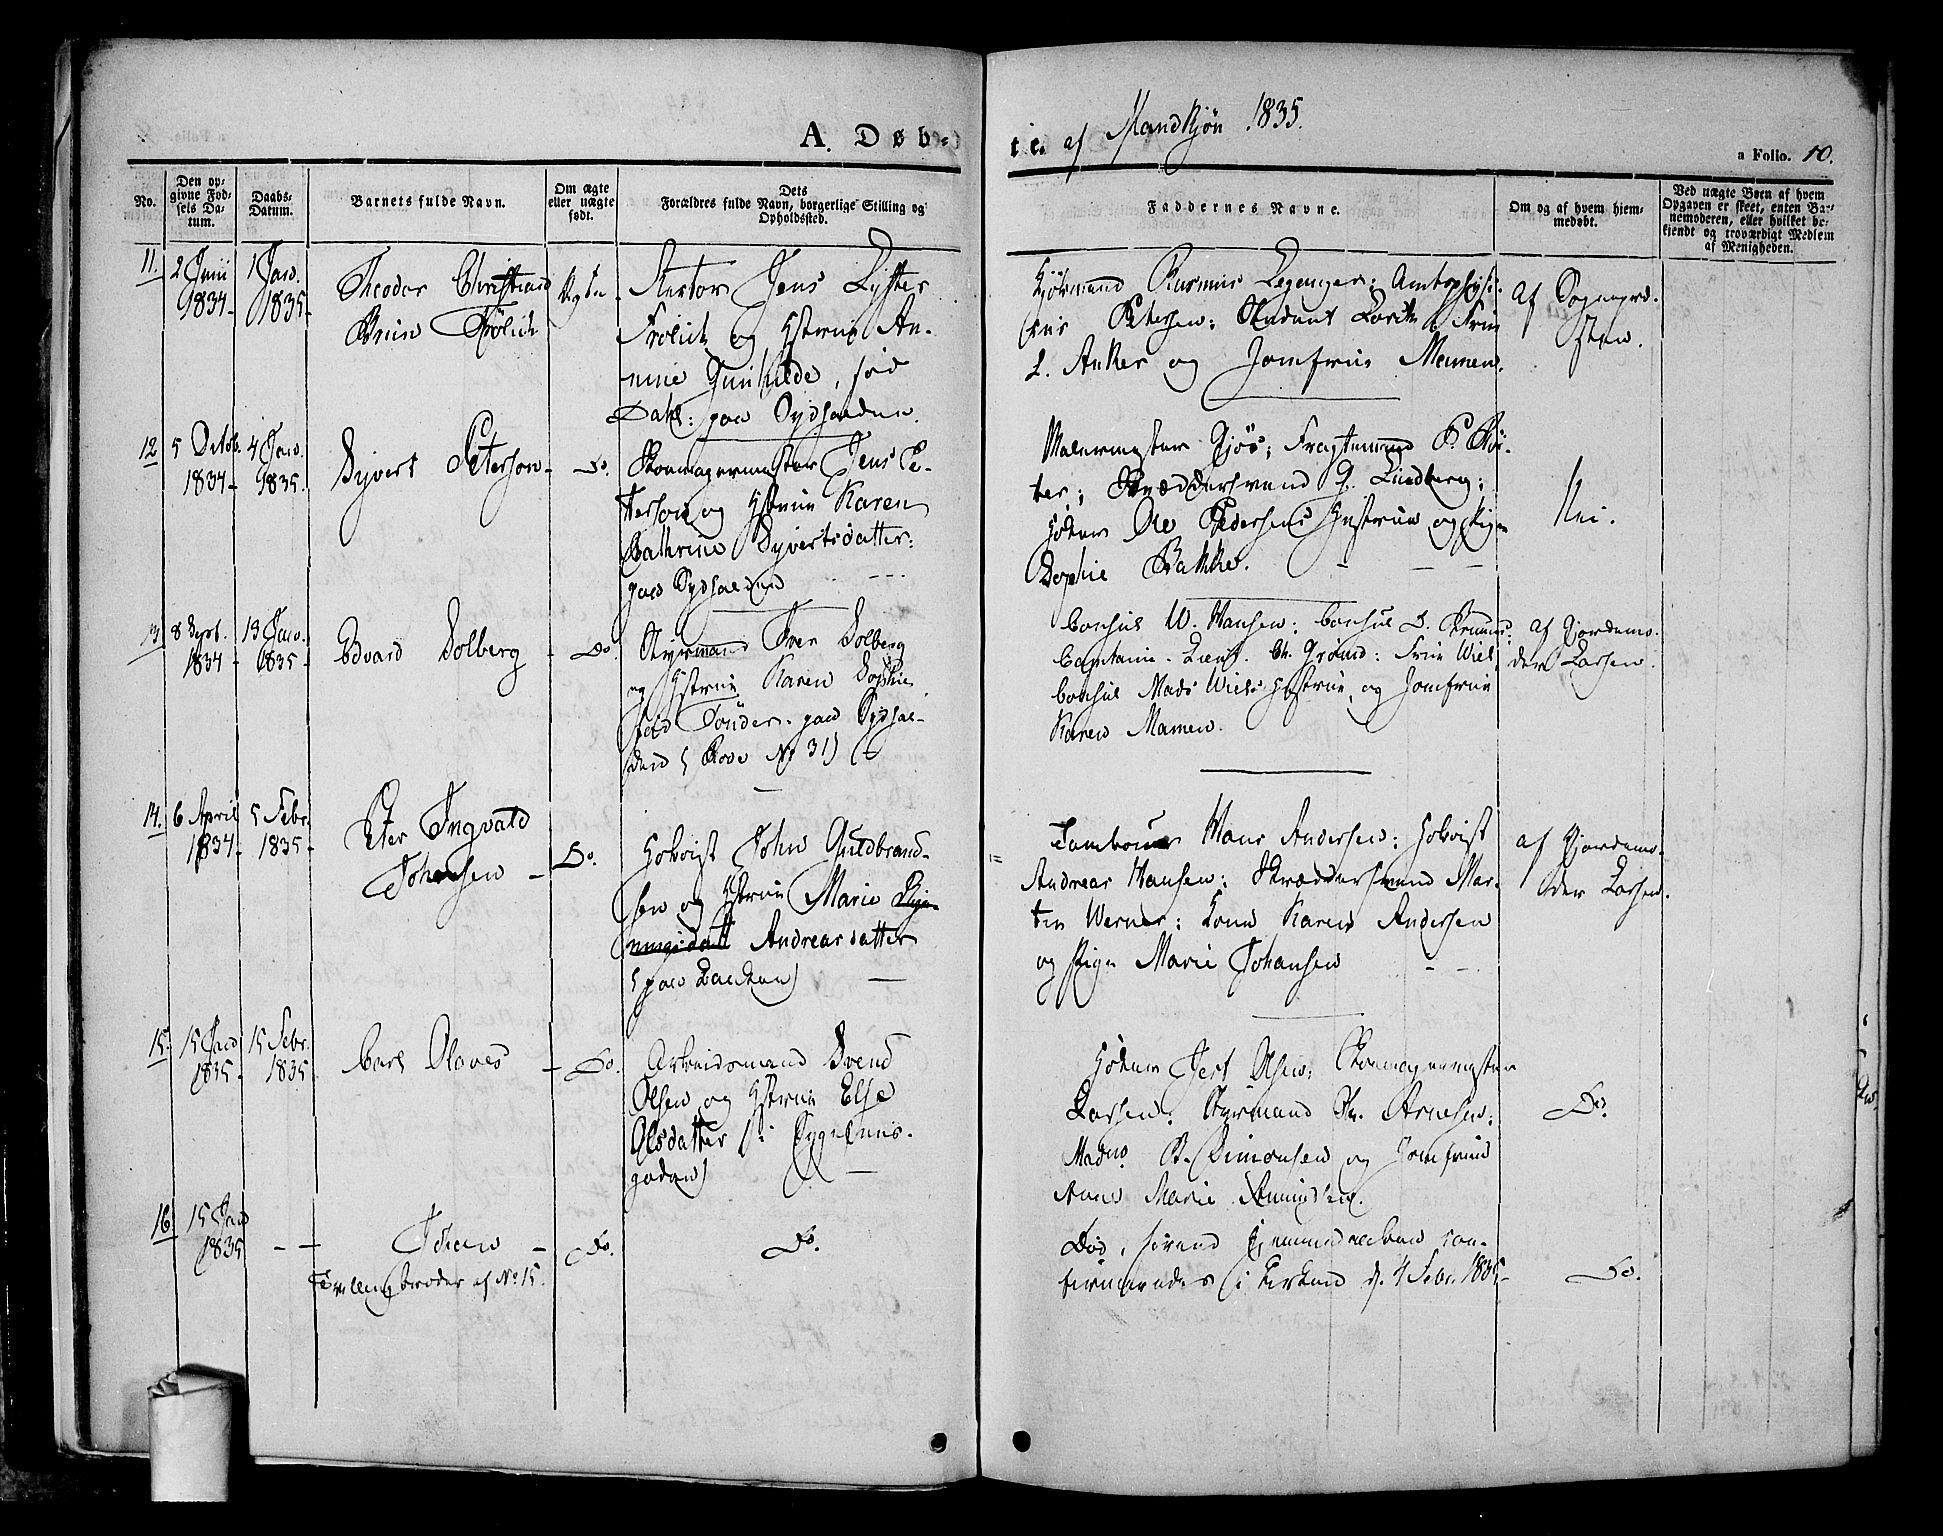 SAO, Halden prestekontor Kirkebøker, F/Fa/L0005: Ministerialbok nr. I 5, 1834-1845, s. 10